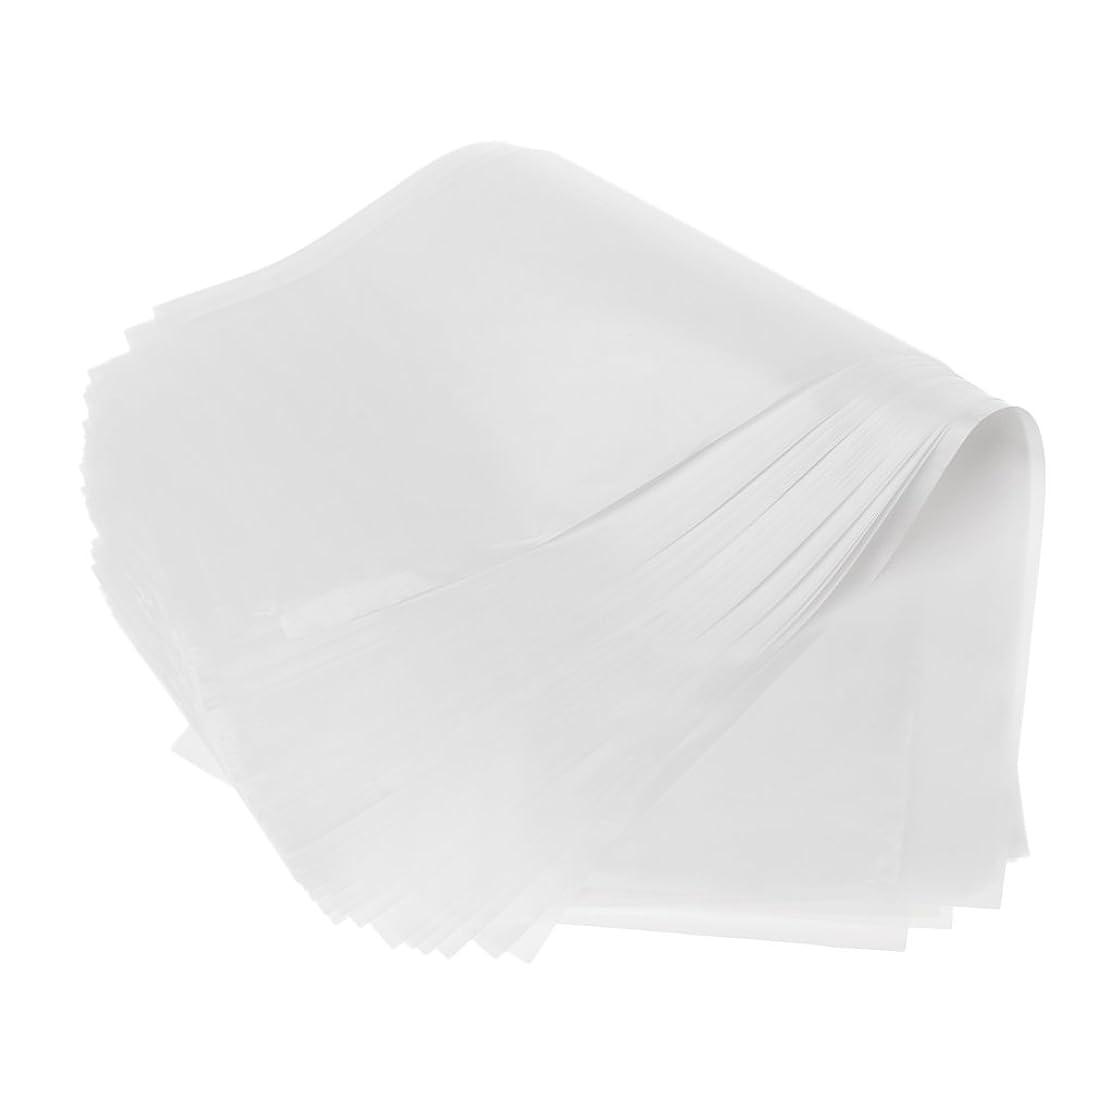 カレンダー最大限報酬T TOOYFUL 50pcsサロンプラスチック染毛紙カラーハイライト分離シート再利用可能 - ホワイト